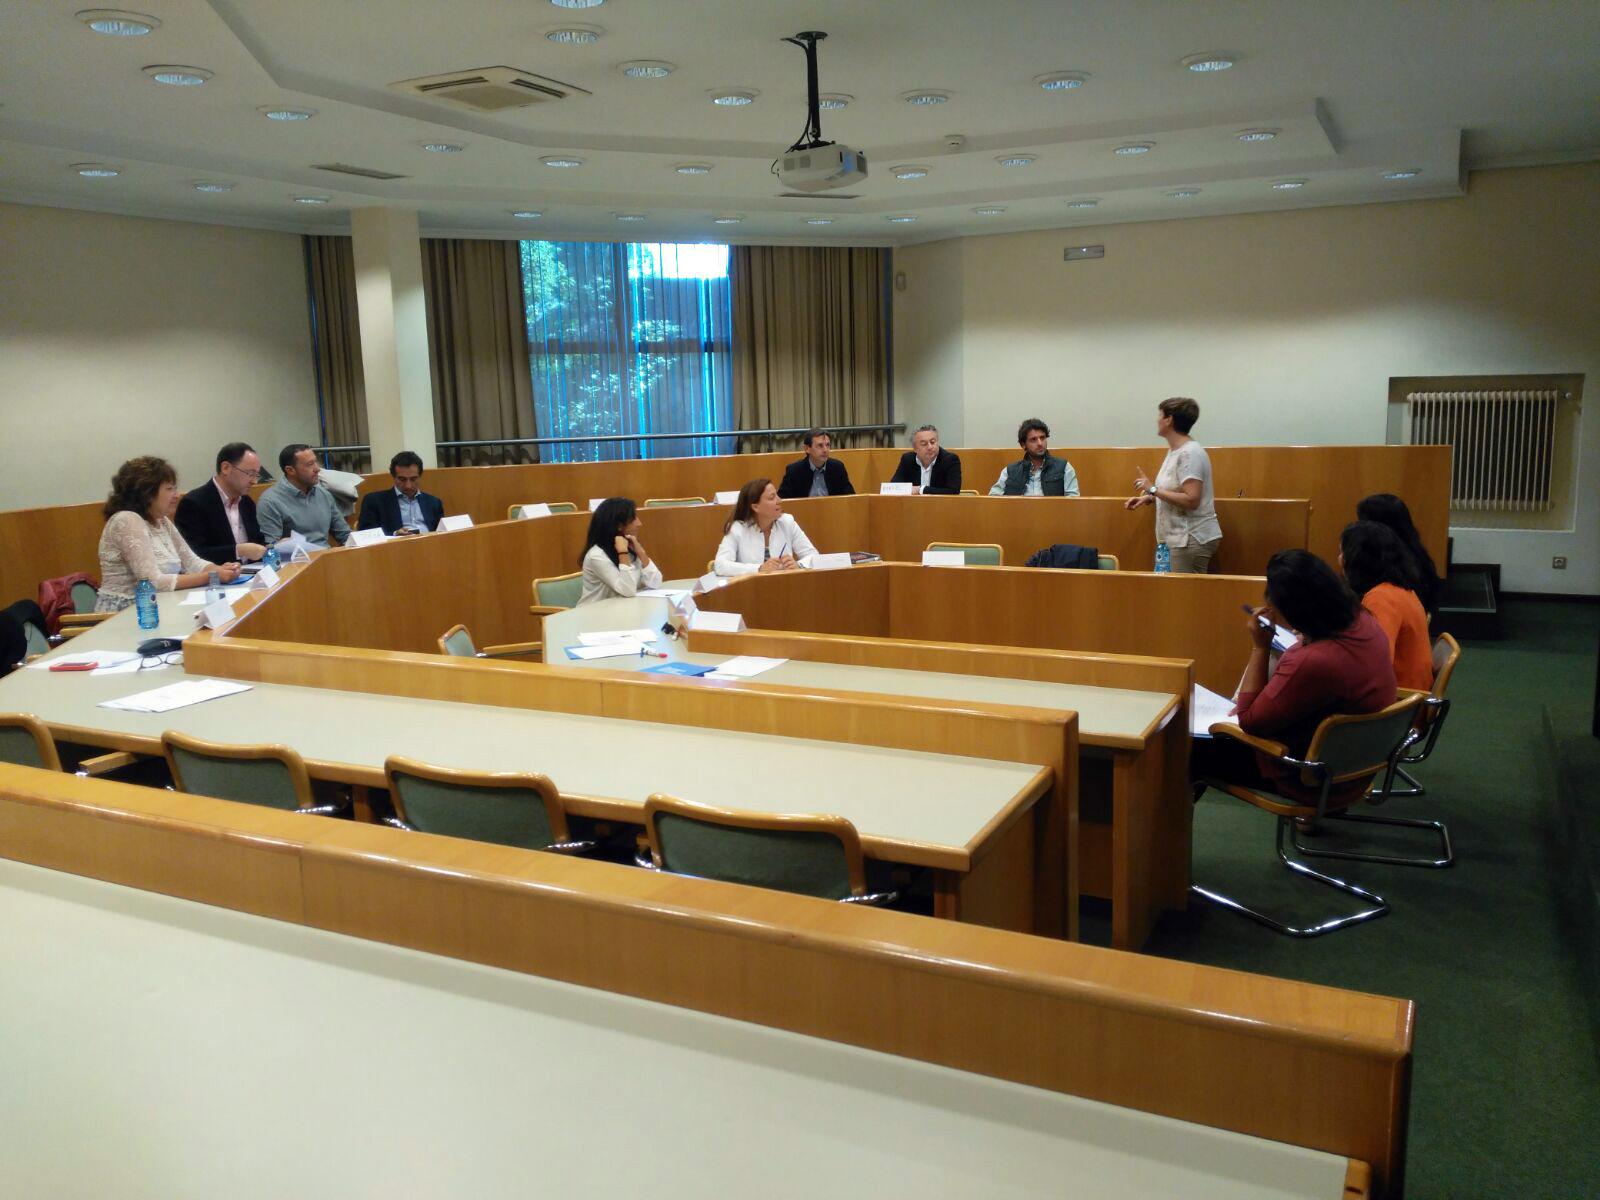 Concluyen los seminarios de formación para directivos con las jornadas de A Coruña, Sanxenxo y Ourense